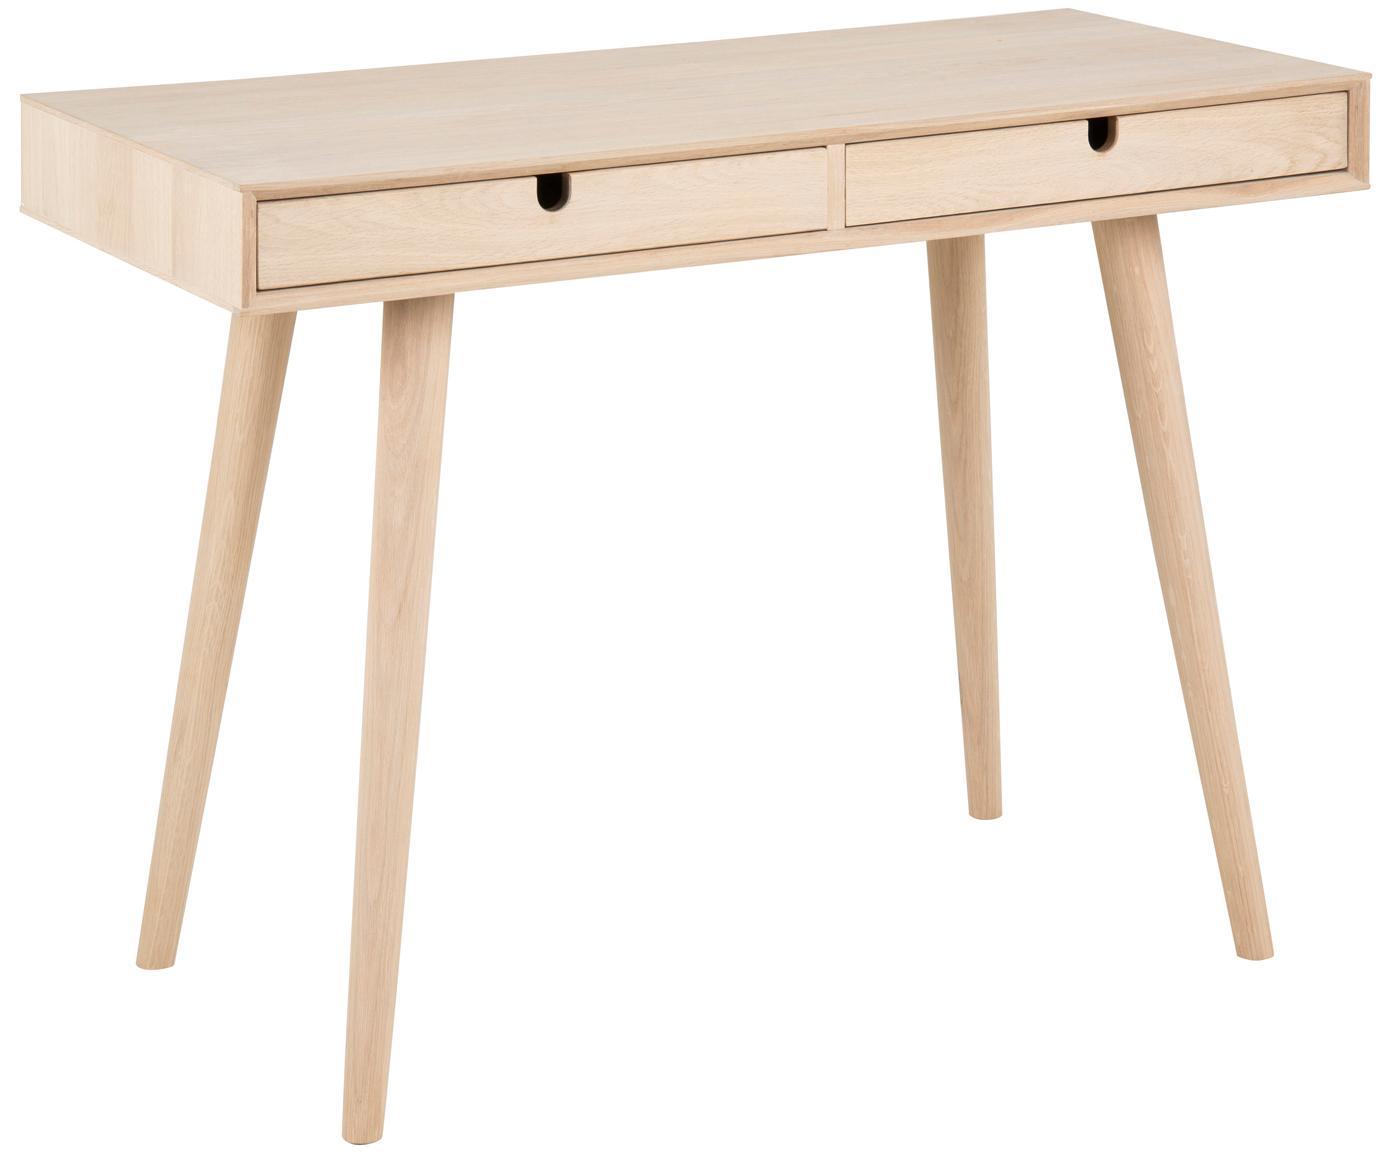 Schmaler Schreibtisch Century aus Eichenholz, Beine: Eichenholz, weiss pigment, Eiche, B 100 x T 45 cm